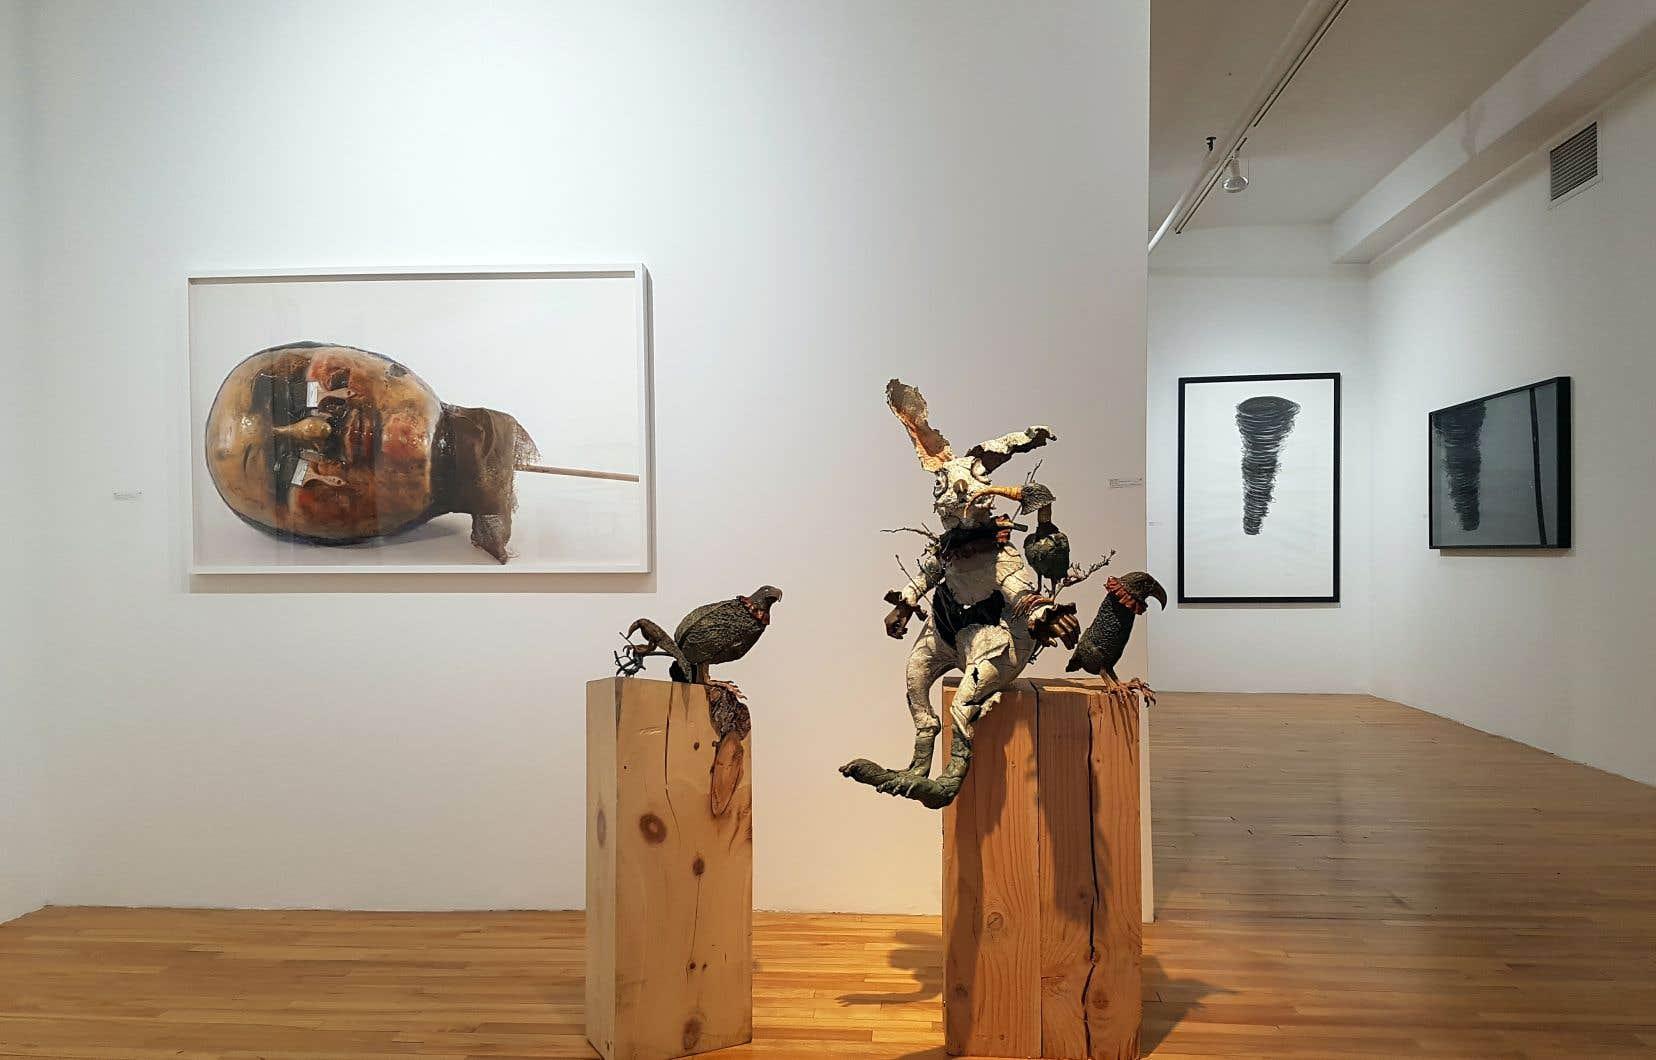 Pour fêter son anniversaire, la galerie 3 organise une exposition intitulée «Pop Up Montréal».